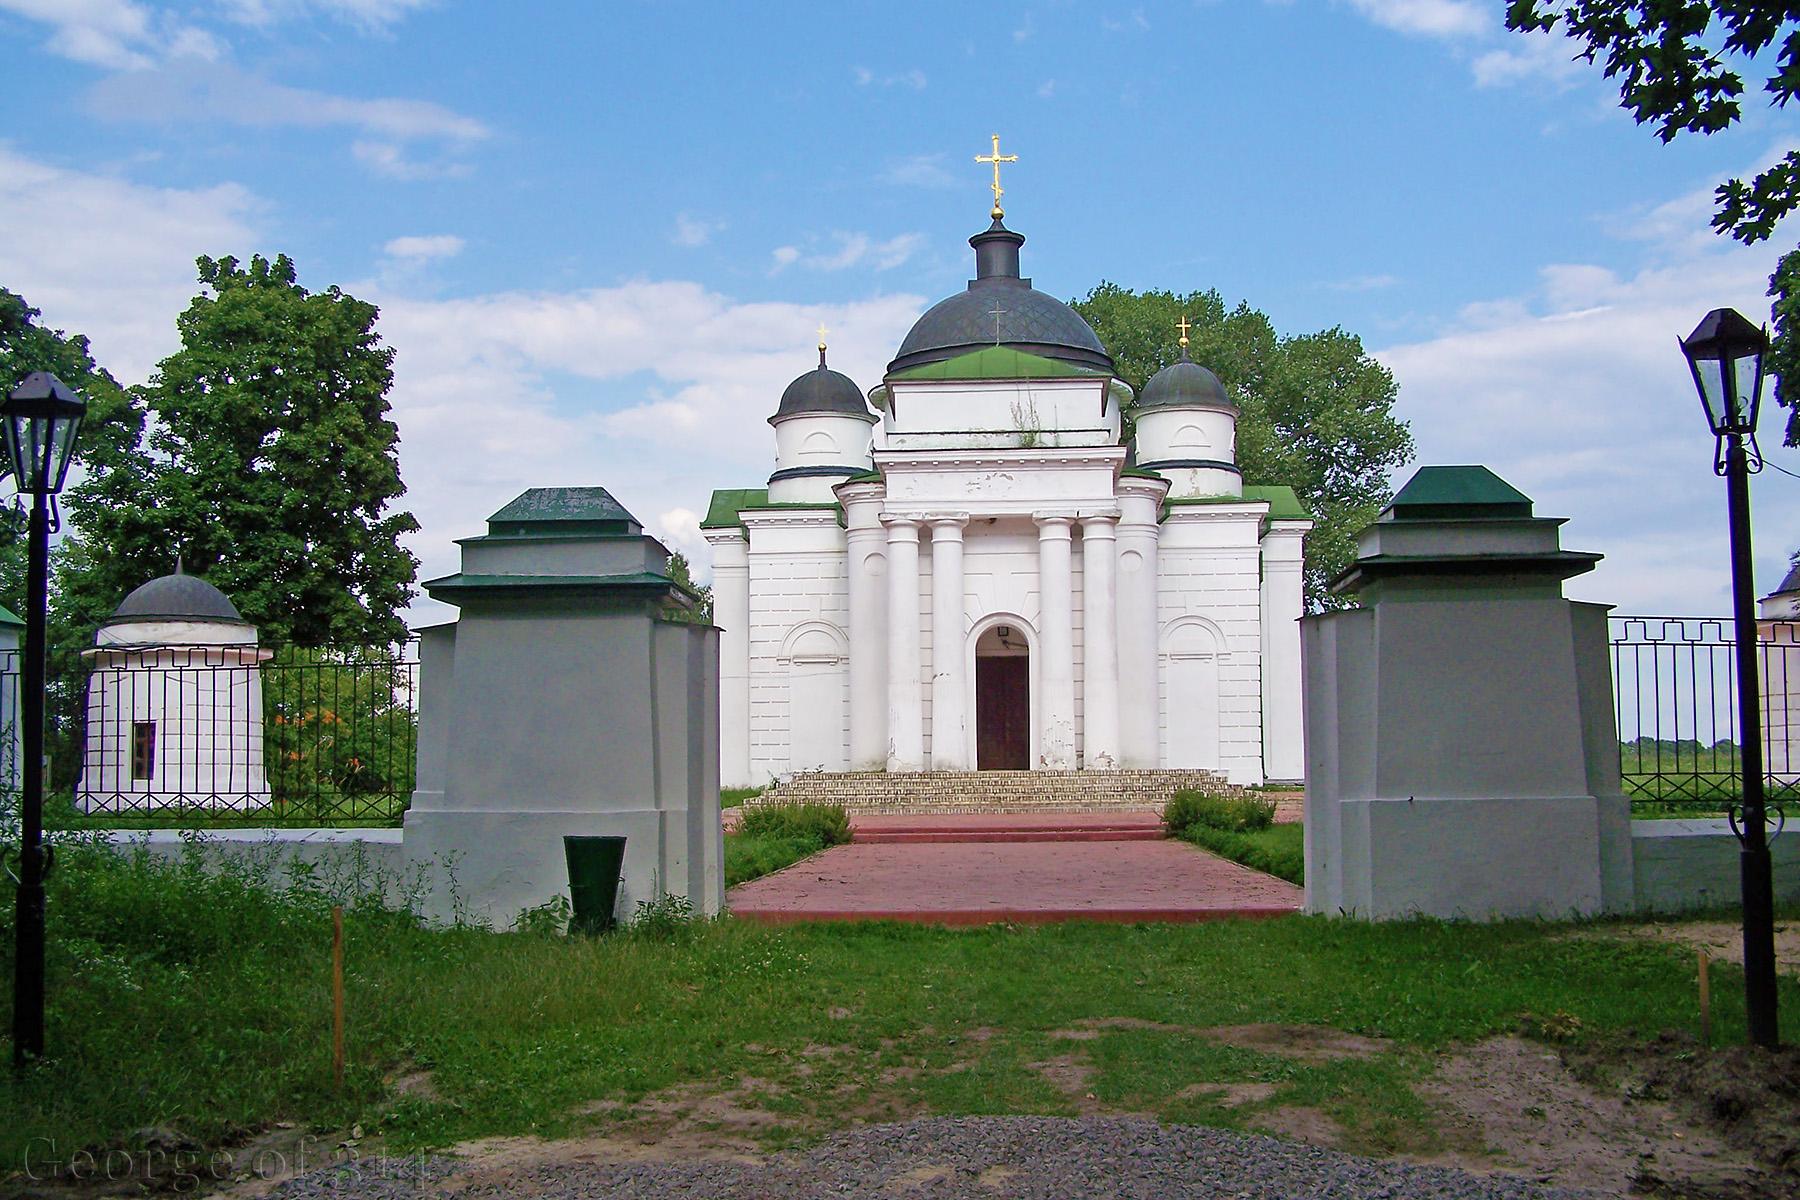 Георгіївська церква біля Качанівського палацу, Чернігівська обл.